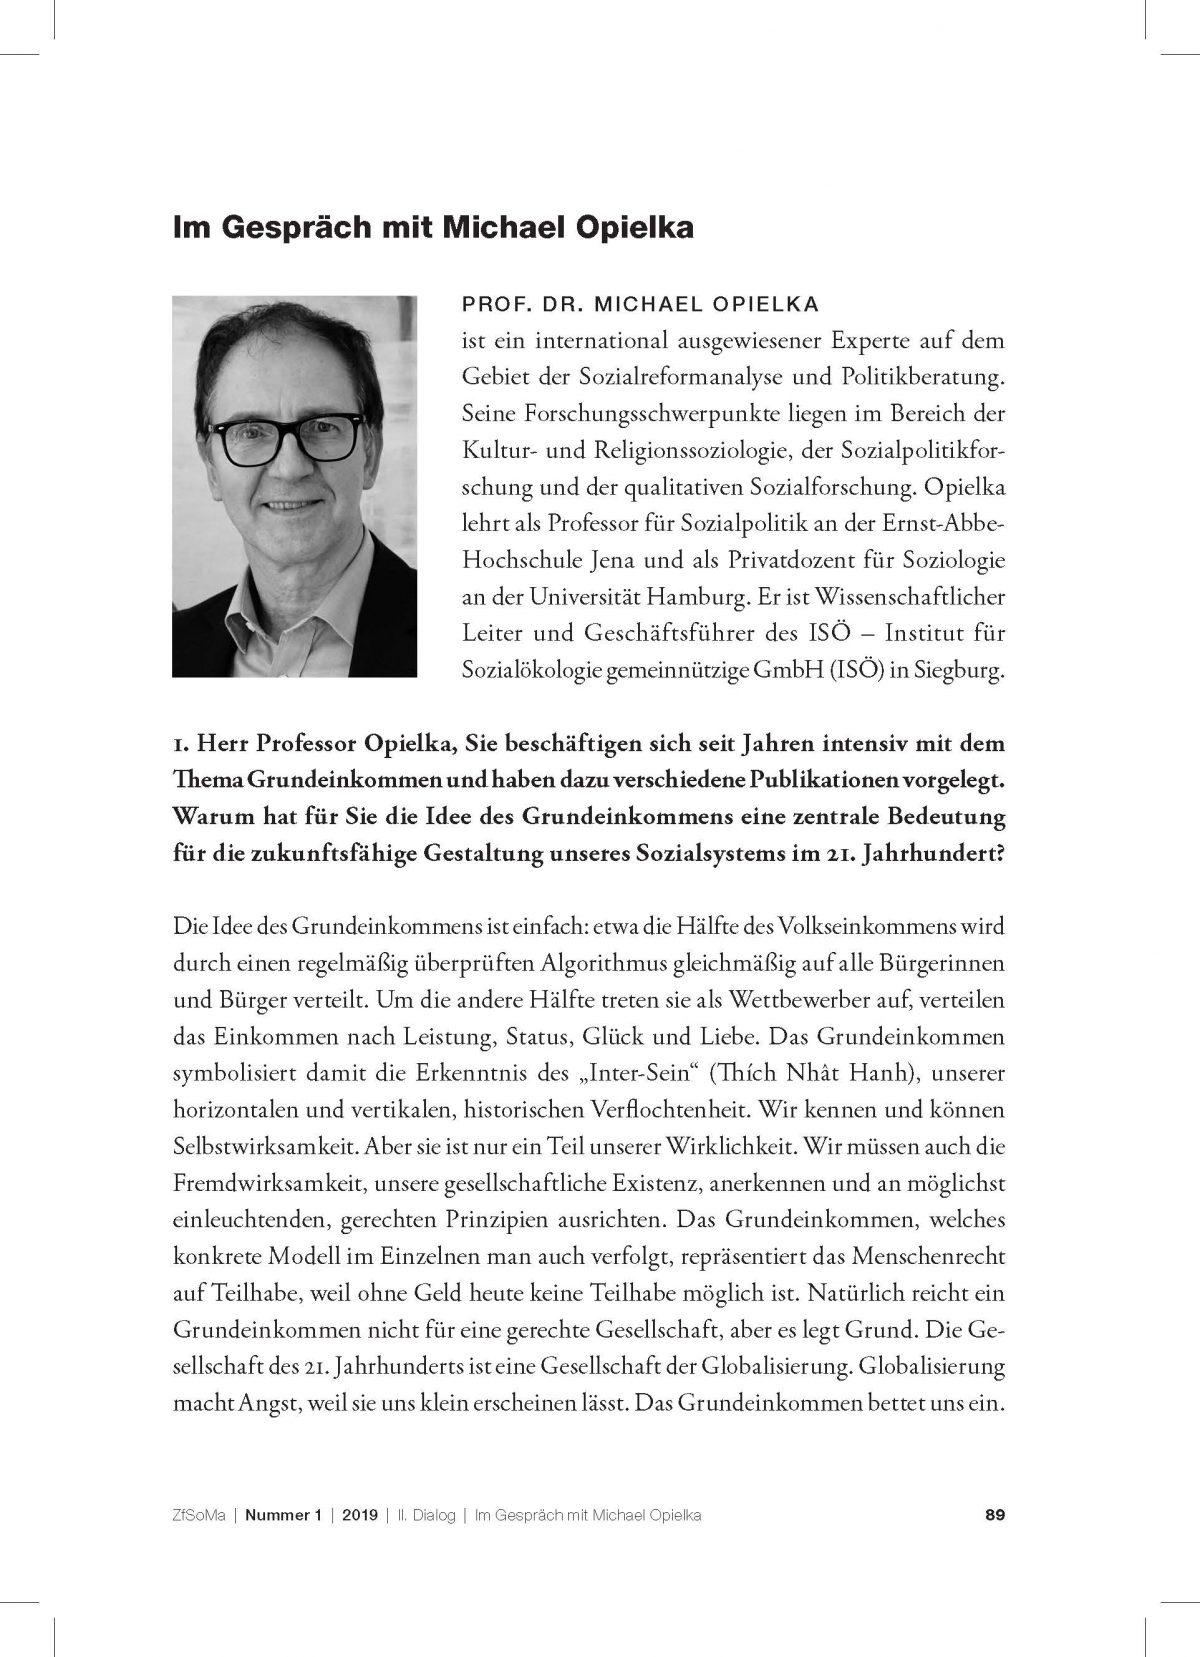 """""""Zeitschrift für Sozialmanagement"""": Im Gespräch mit Michael Opielka"""